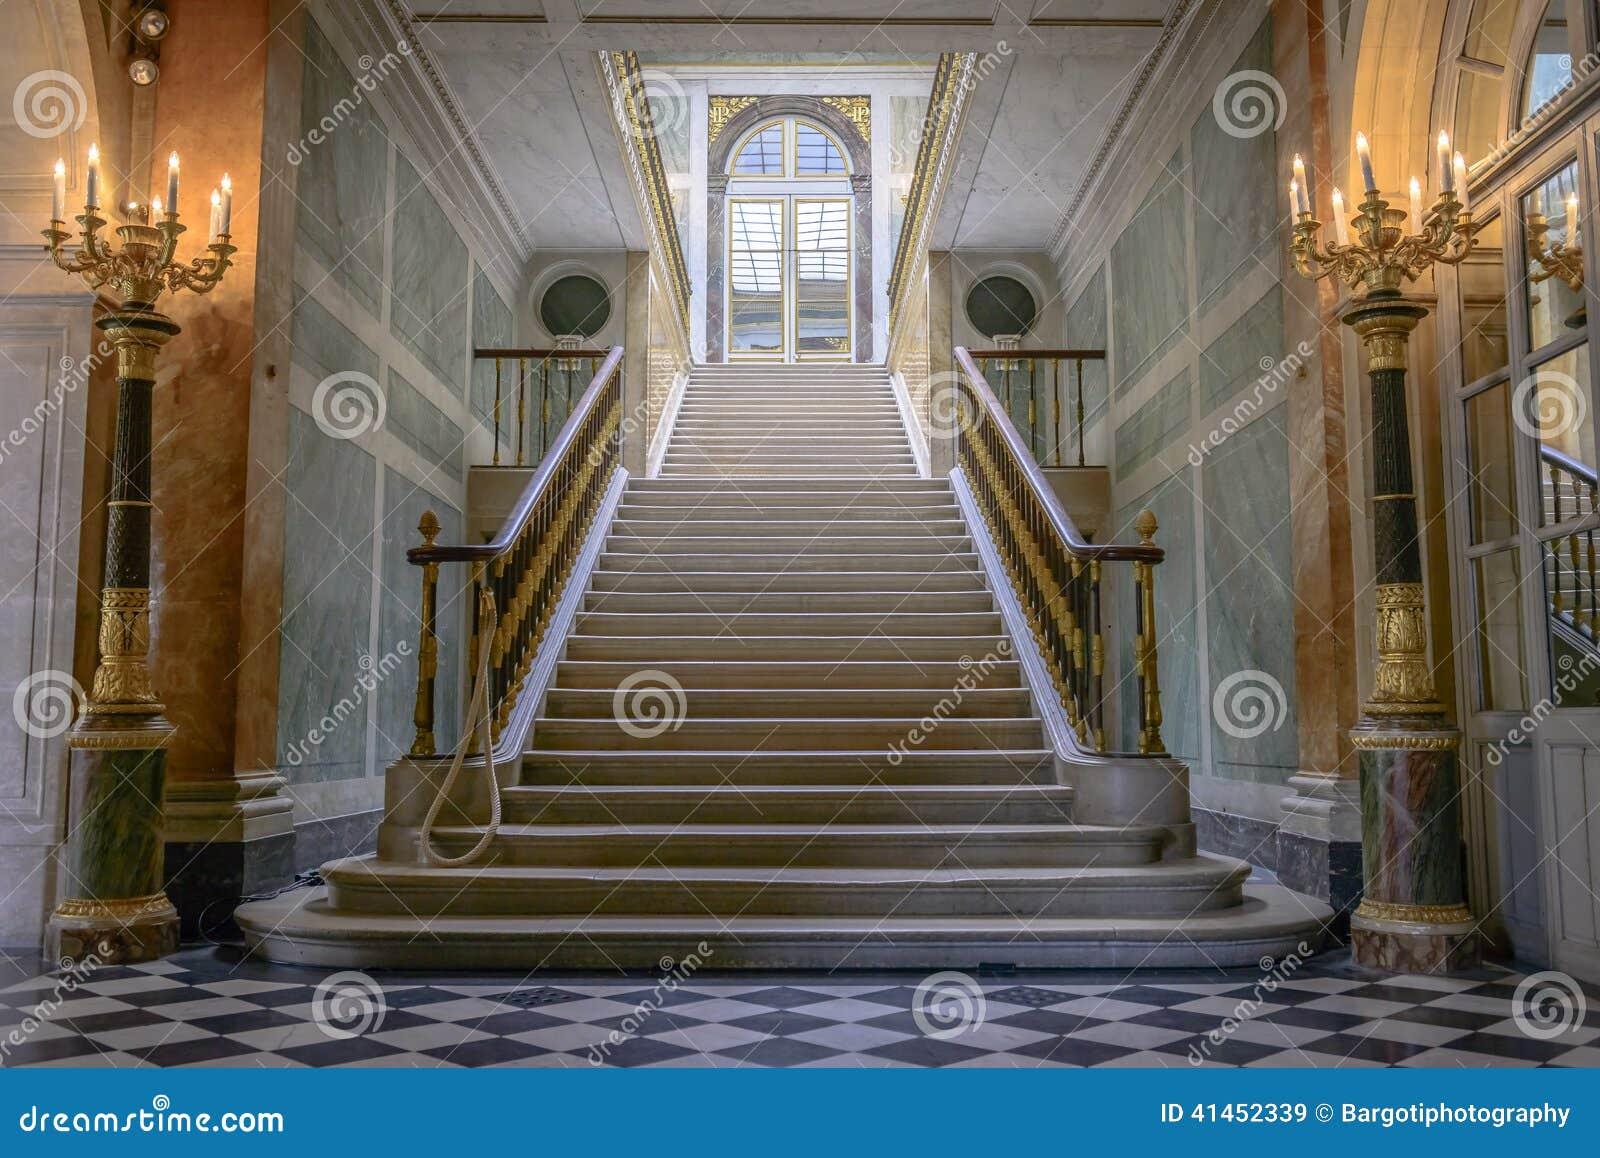 Escaliers dans le château De Versailles